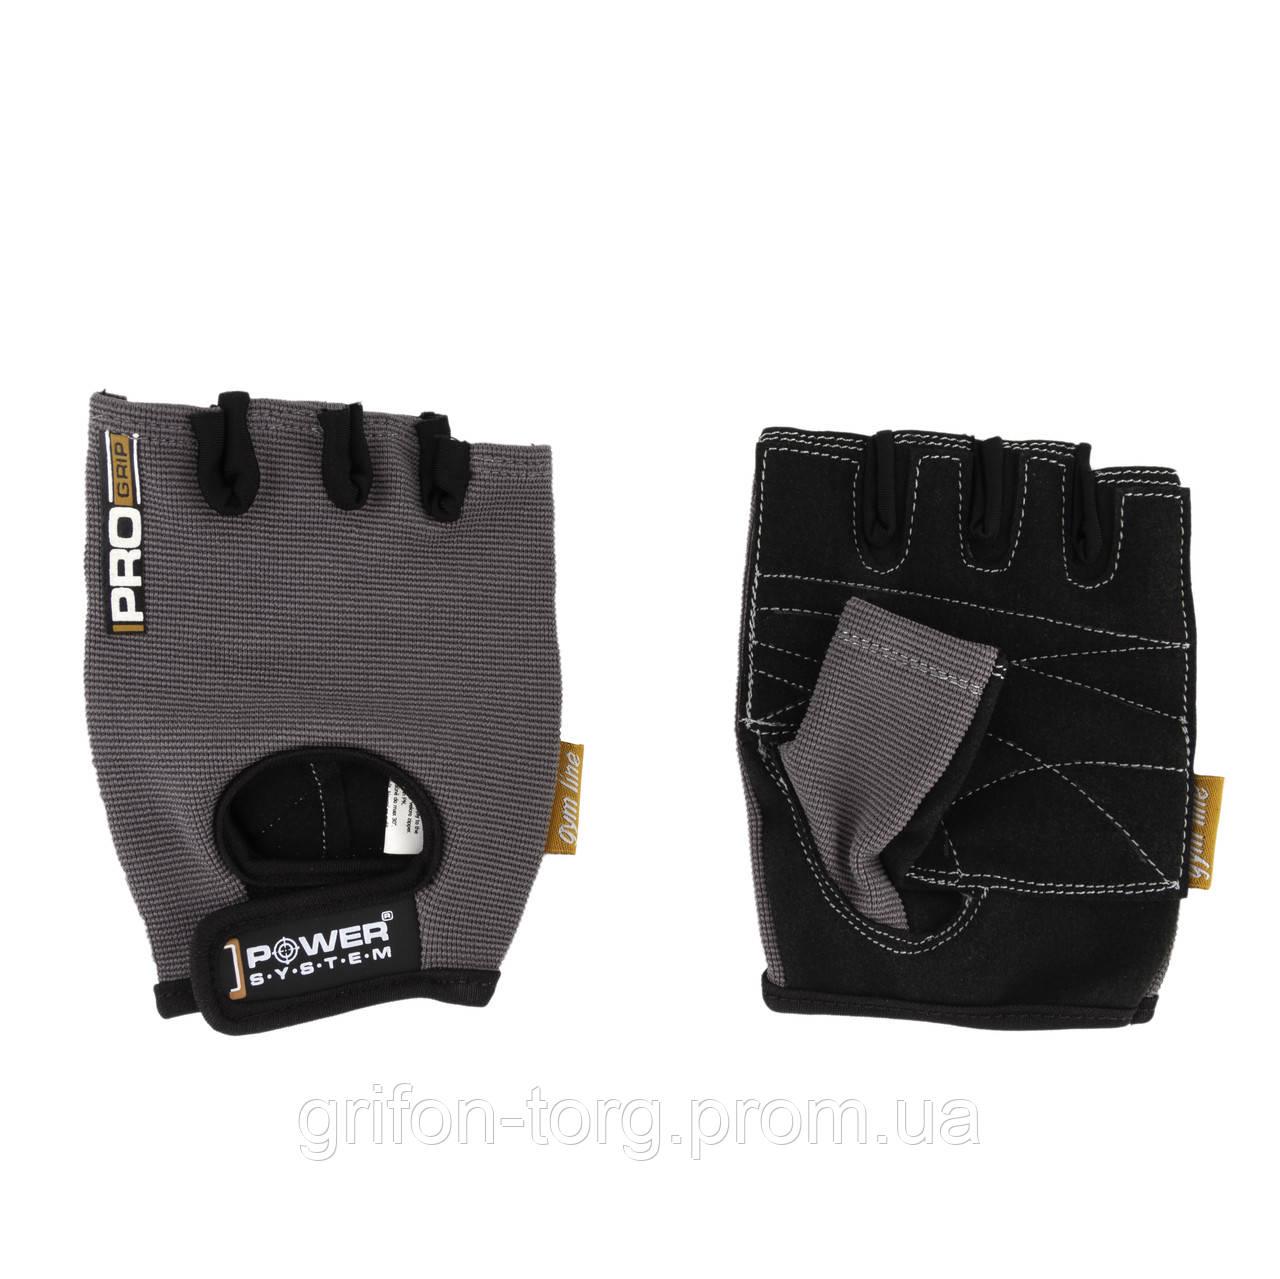 Перчатки для фитнеса и тяжелой атлетики Power System Pro Grip PS-2250 XS Grey